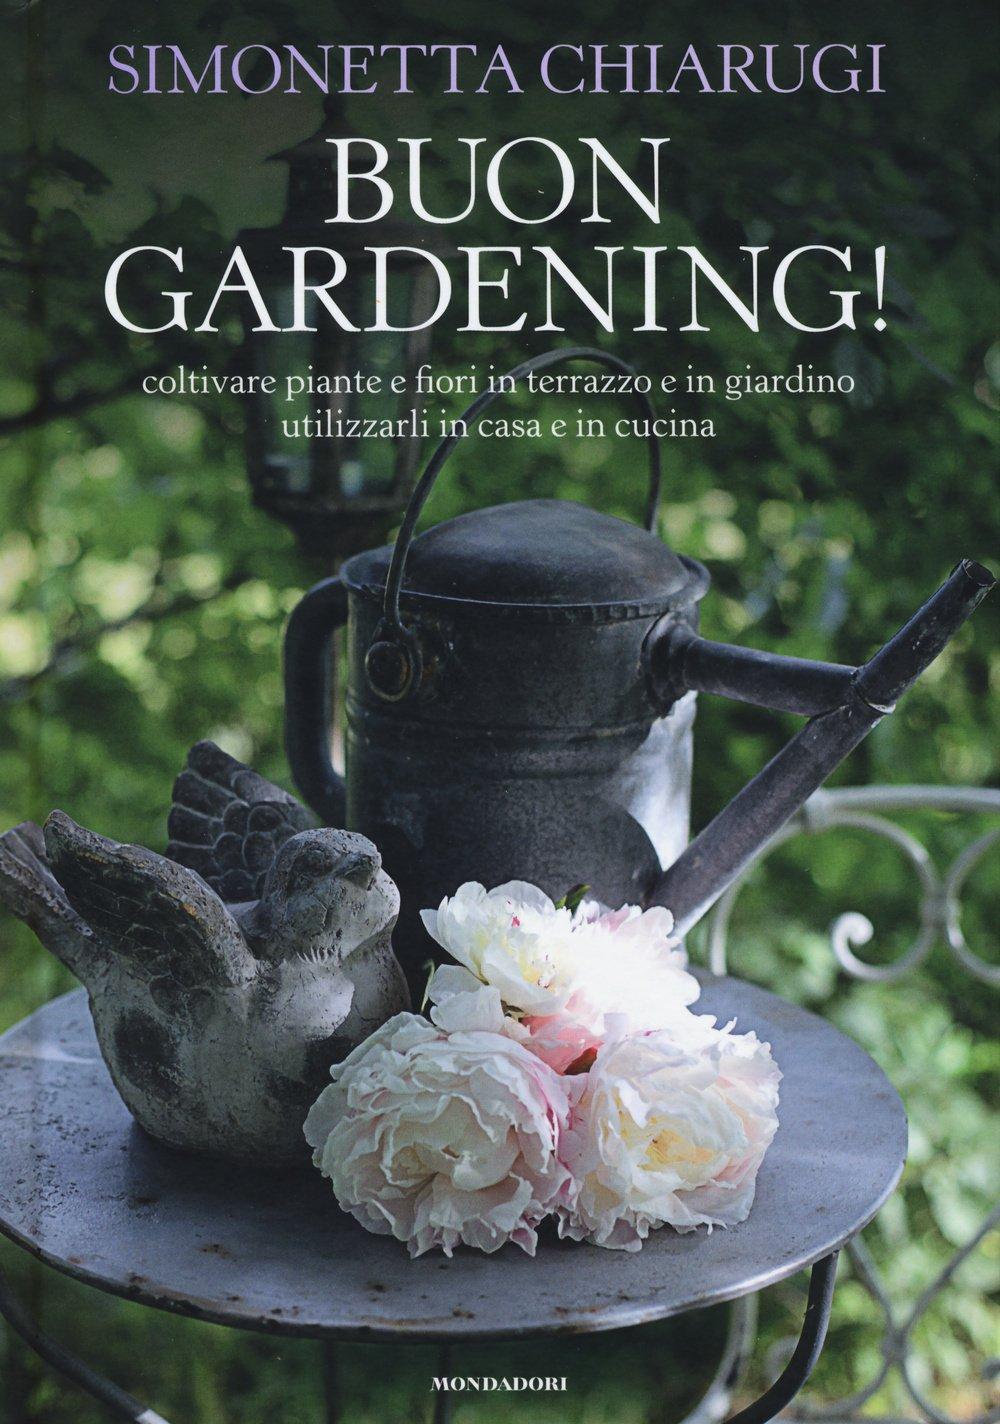 Buon Gardening Coltivare Piante E Fiori In Terrazzo E In